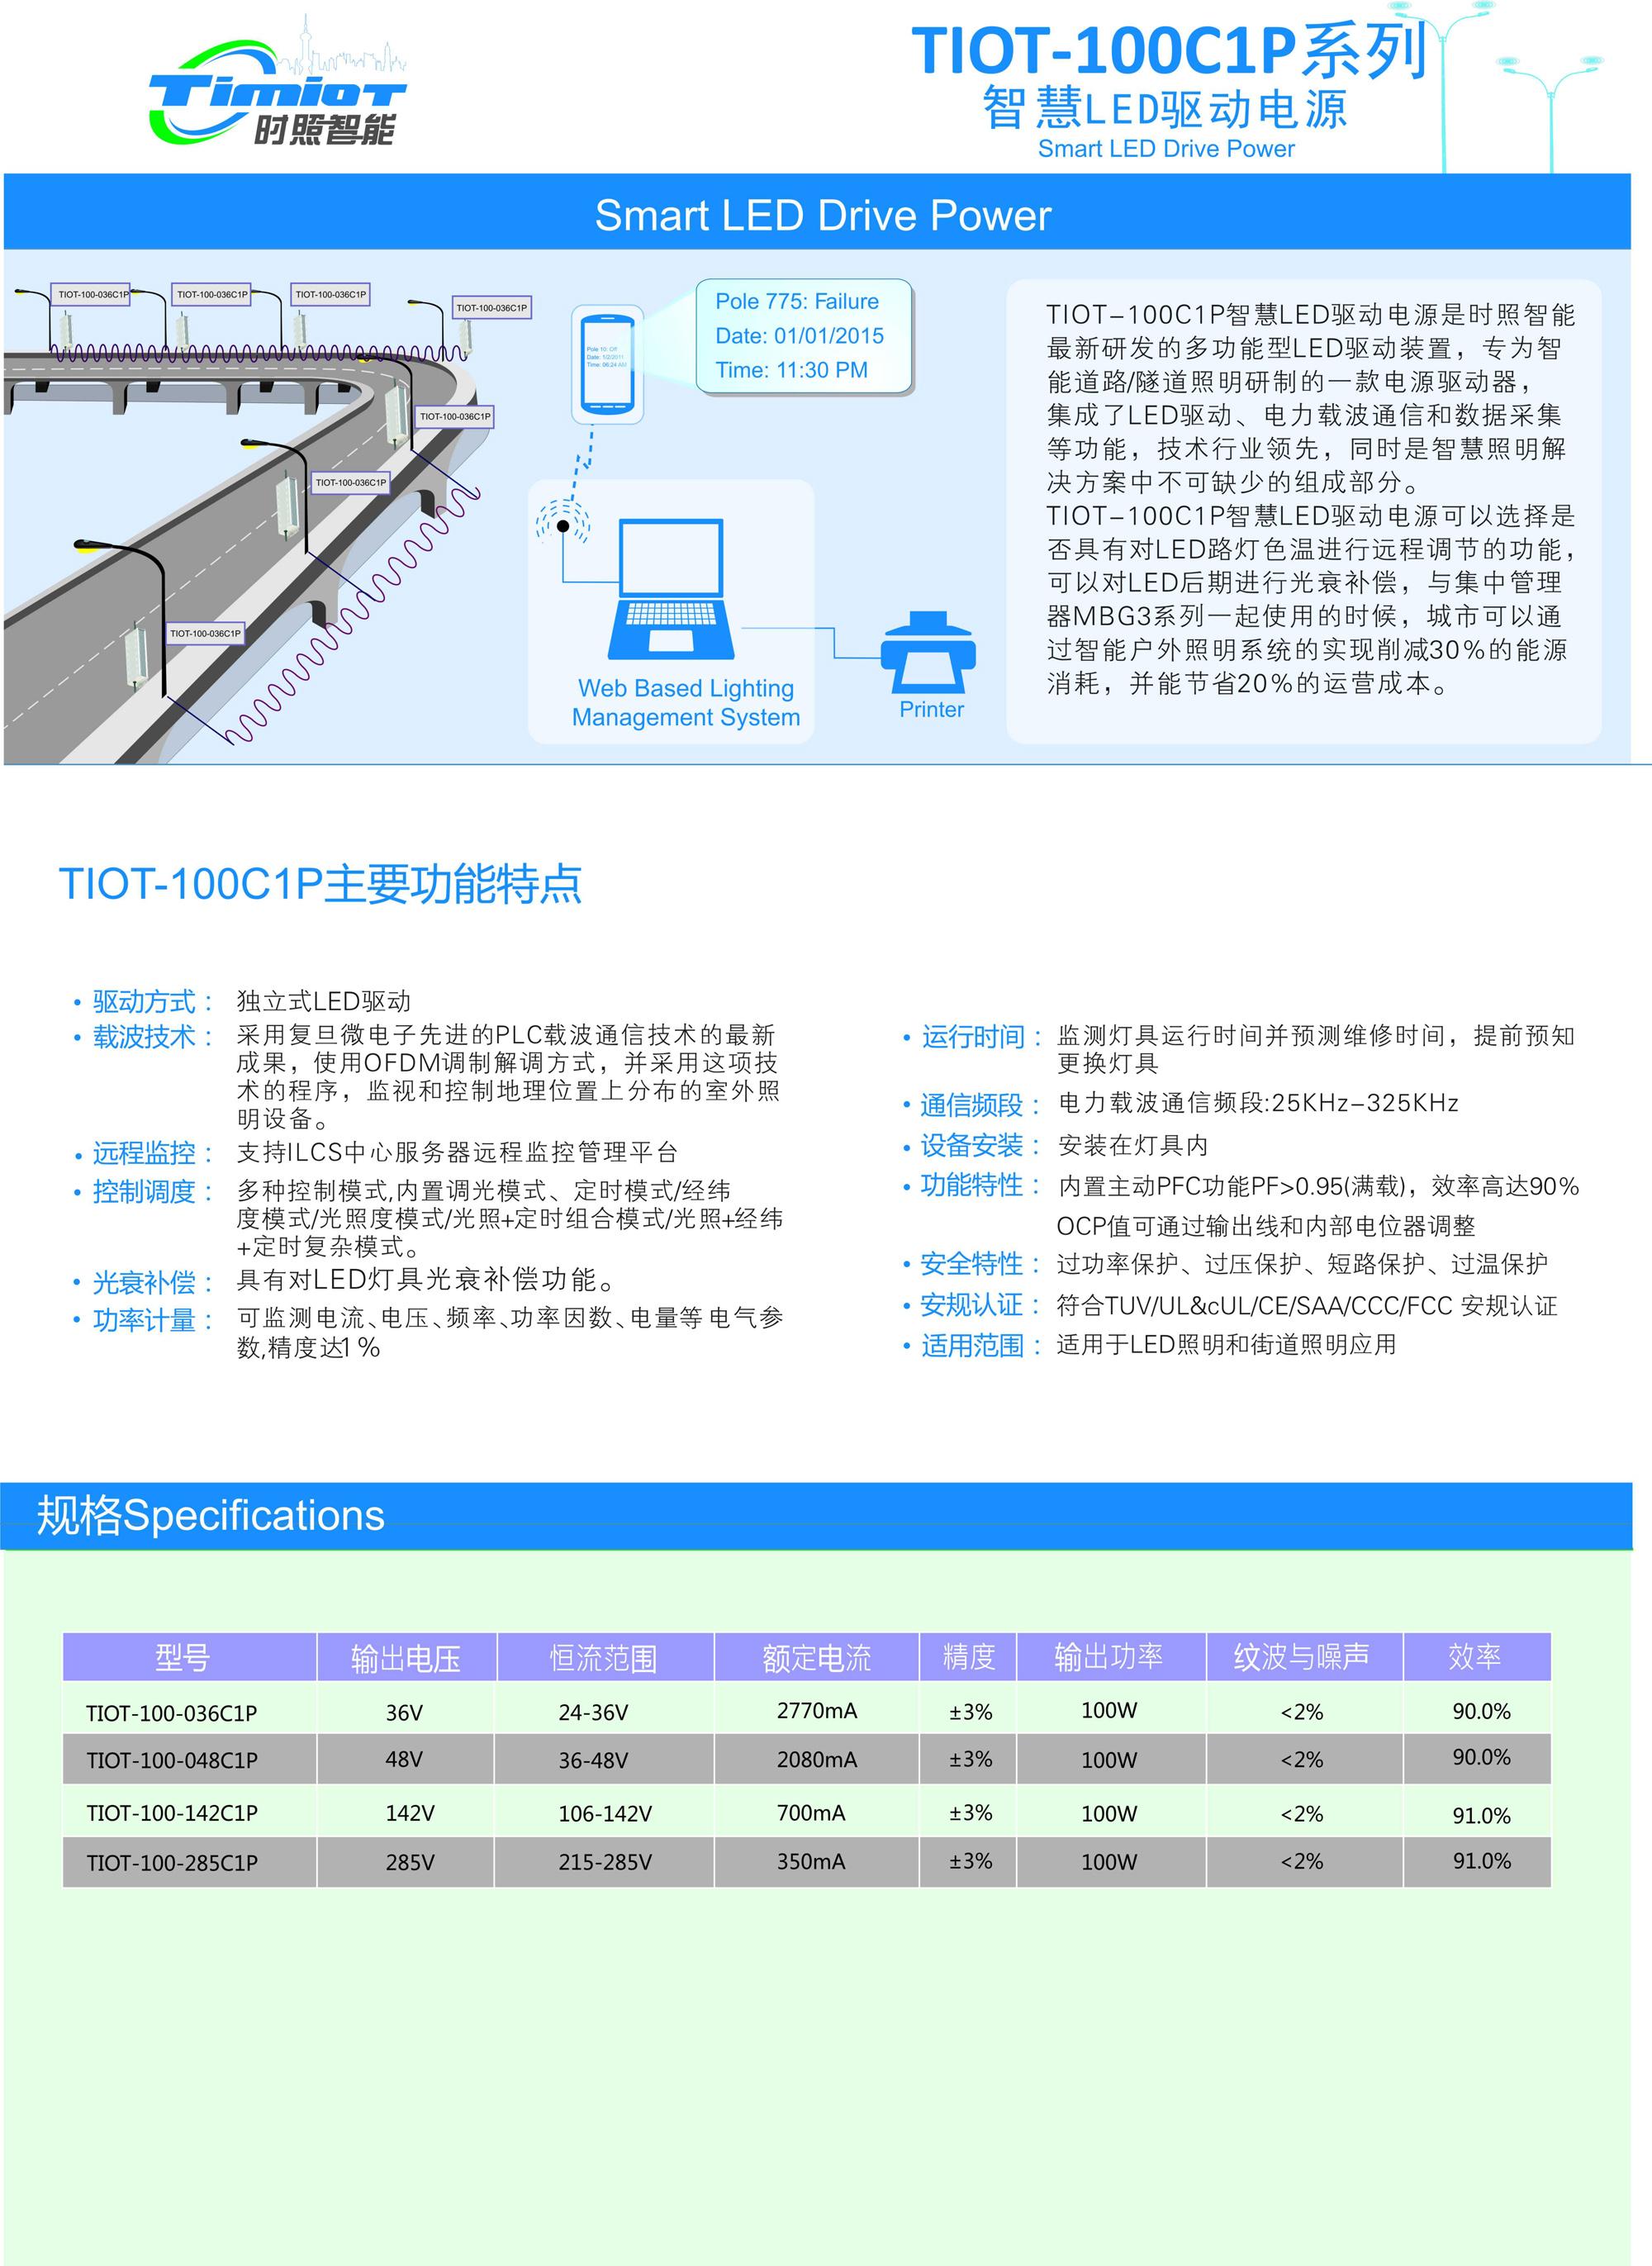 TIOT-100C1P-LED直驱灯控器